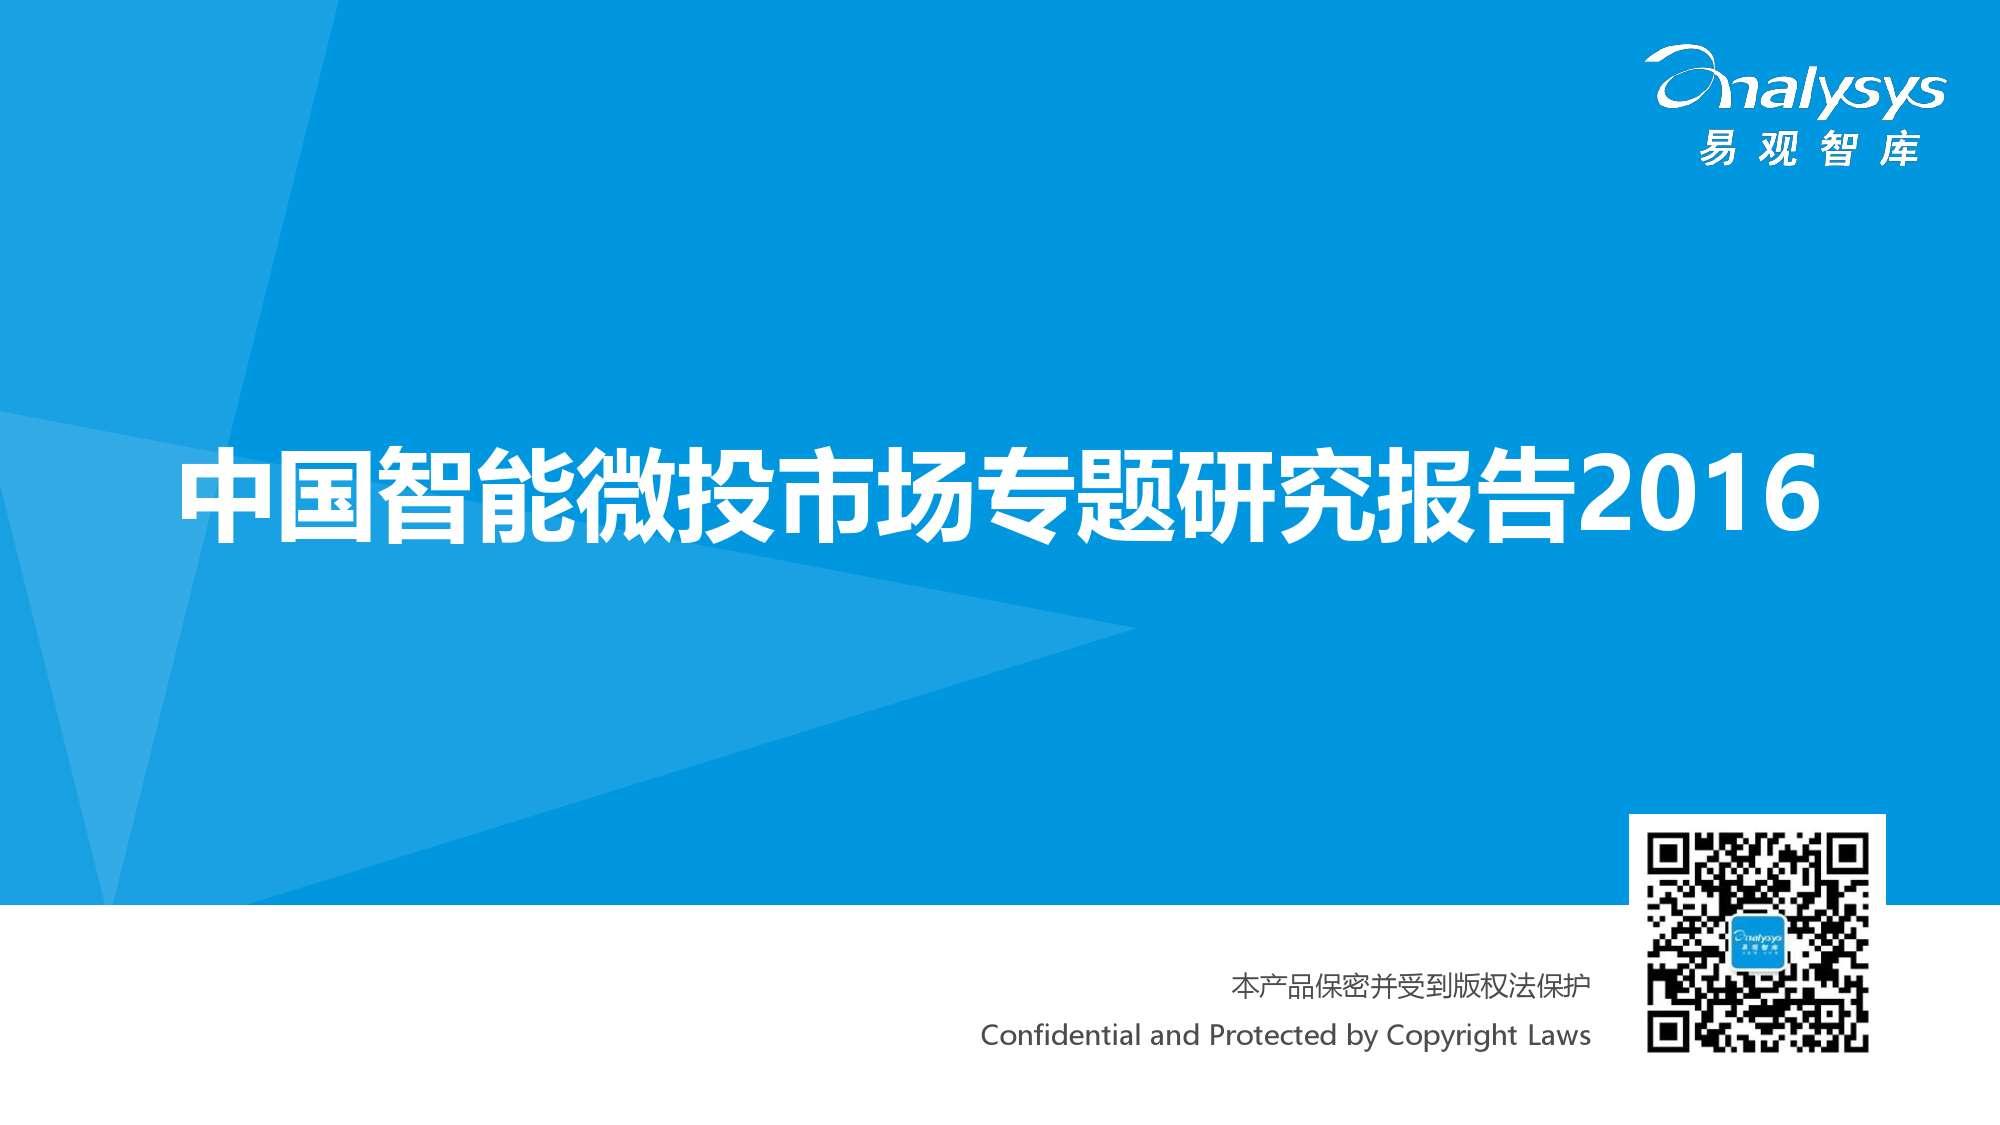 中国智能微投市场专题研究报告2016_000001